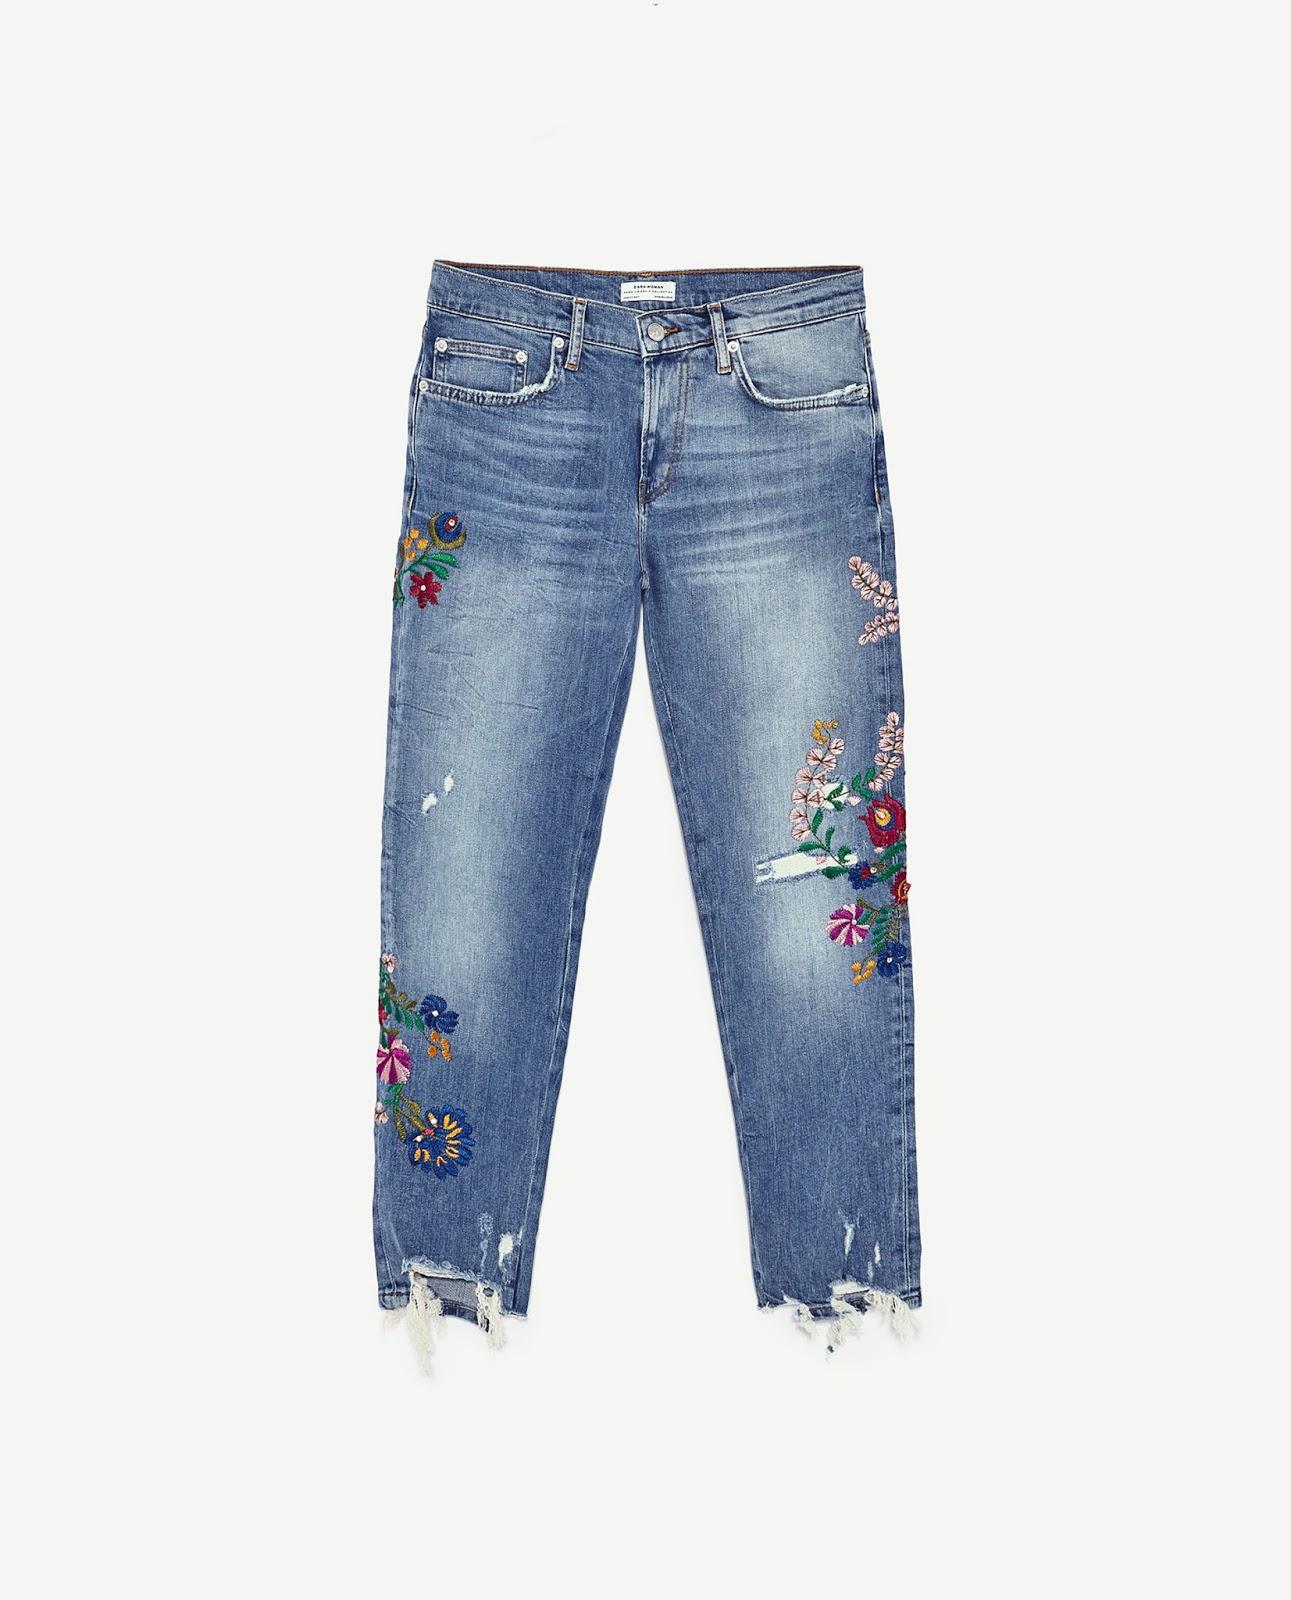 ZARA haftowane jeansy boyfriendy z motywem kwiatowym, boyfriendy Zara, wyprzedaż Zara co kupić